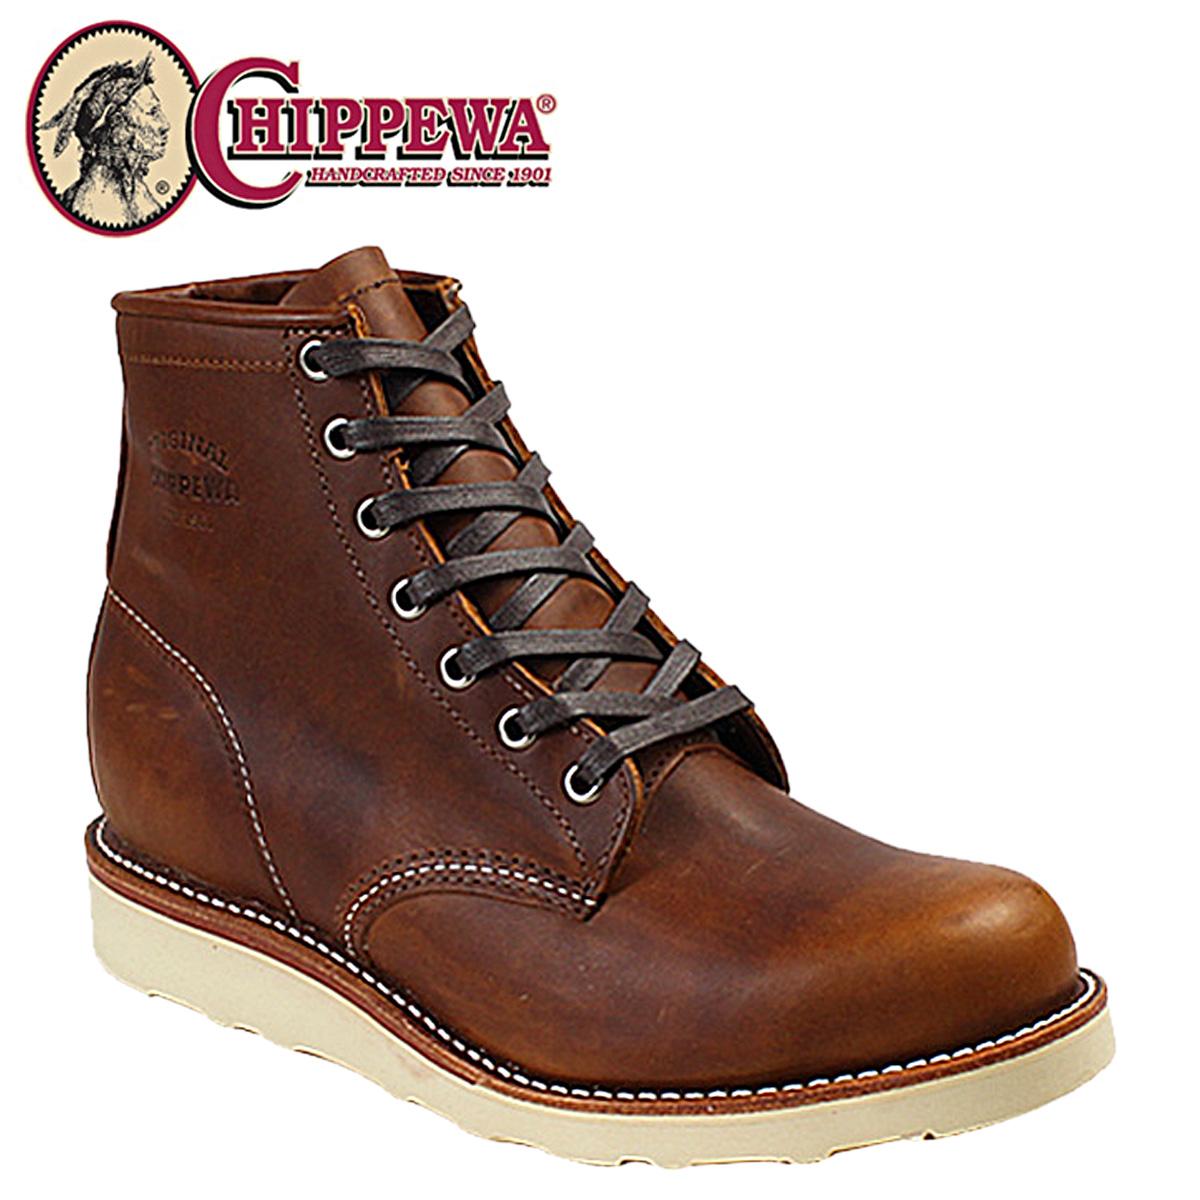 CHIPPEWA 6INCH PLAIN TOE WEDGE BOOT チペワ ブーツ 6インチ プレーン トゥ ウェッジ ブーツ 1901M17 Dワイズ タン メンズ